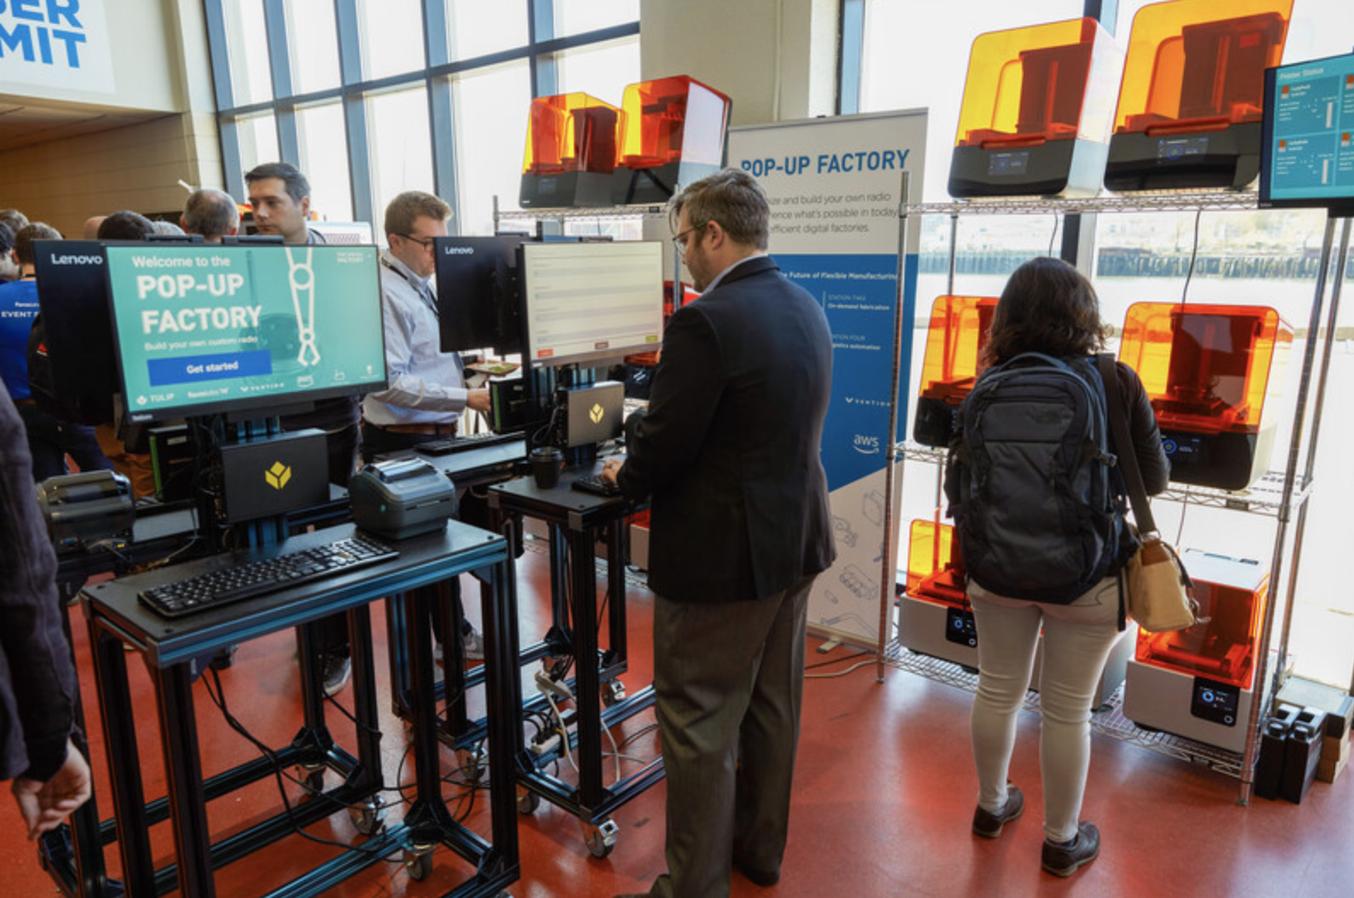 Teilnehmer konfigurieren ihre Radios an Tulip-Terminals und erstellen ihren Arbeitsauftrag, während Drucker der Typen Form 2 und Form 3 im Hintergrund laufend neue Drehknöpfe produzieren.